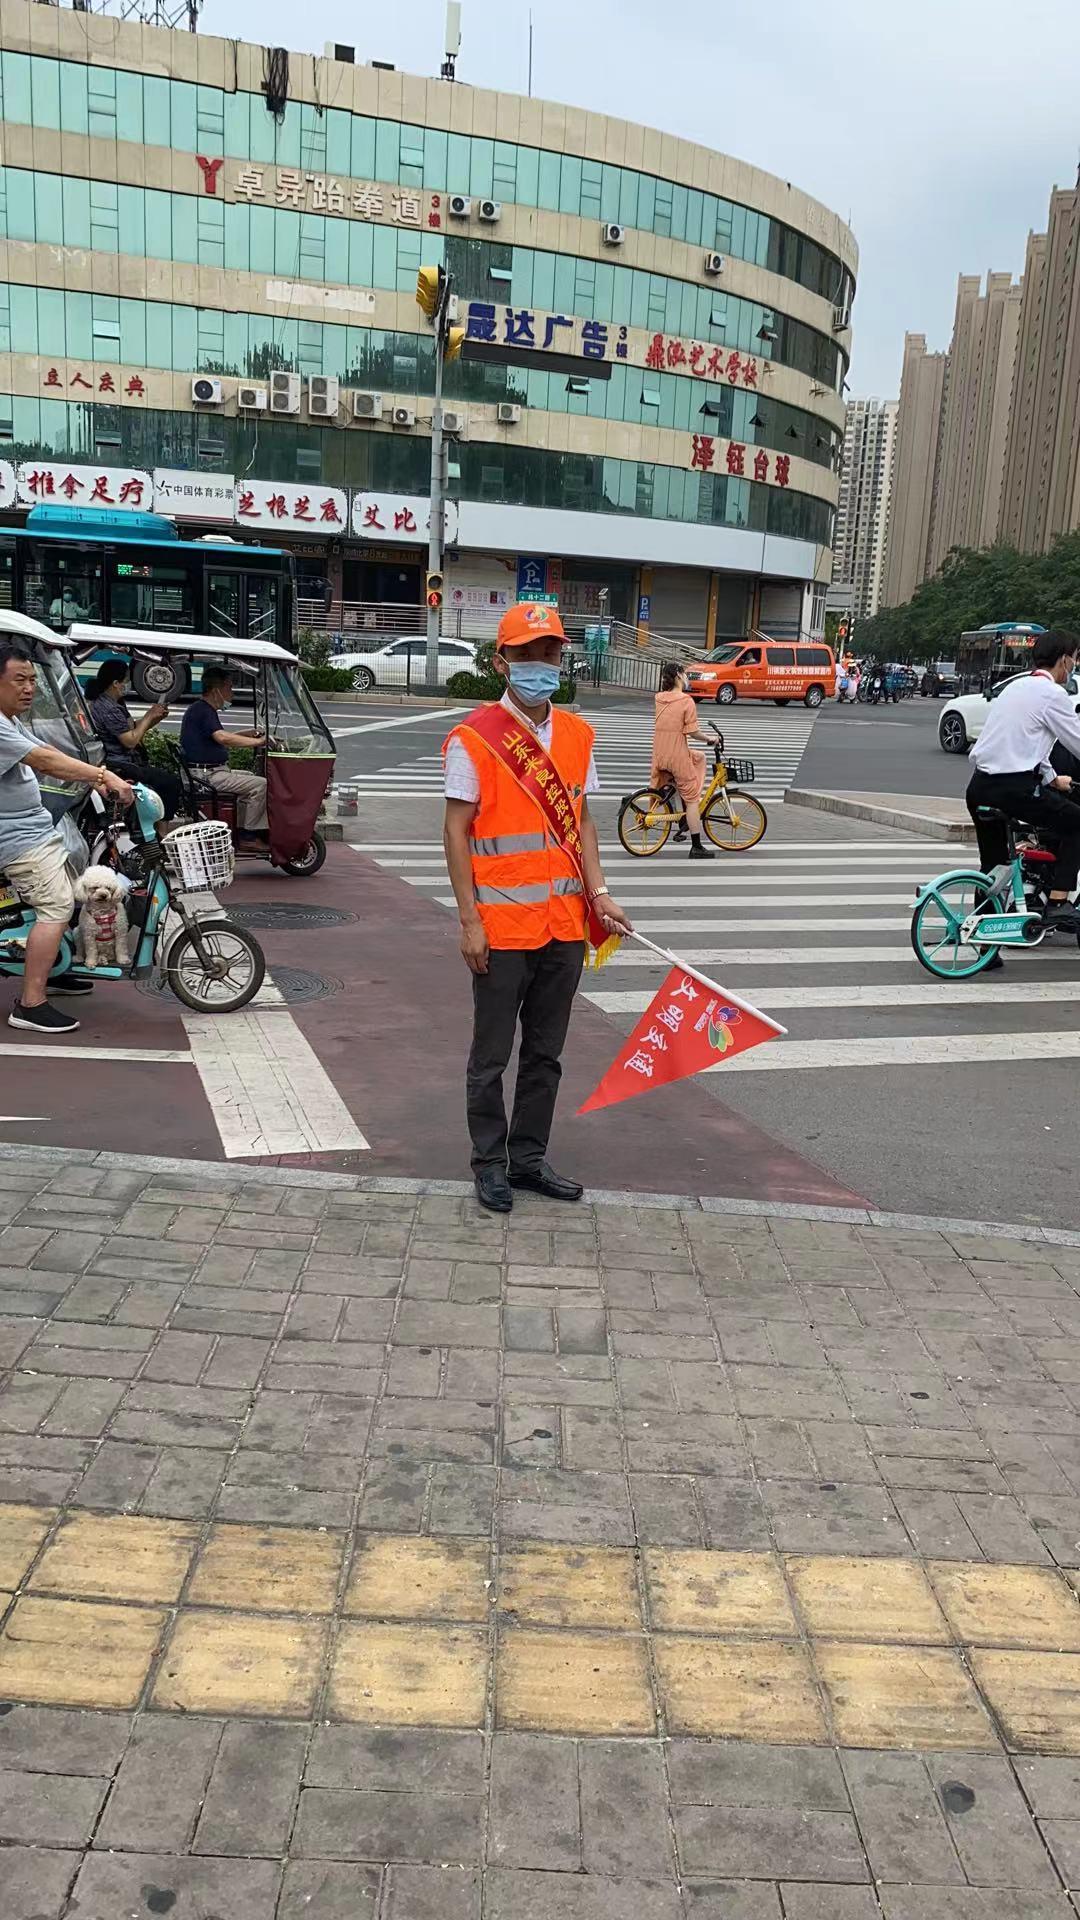 米良集團組織志愿者參與交通路口執勤,助力文明城市建設(圖3)